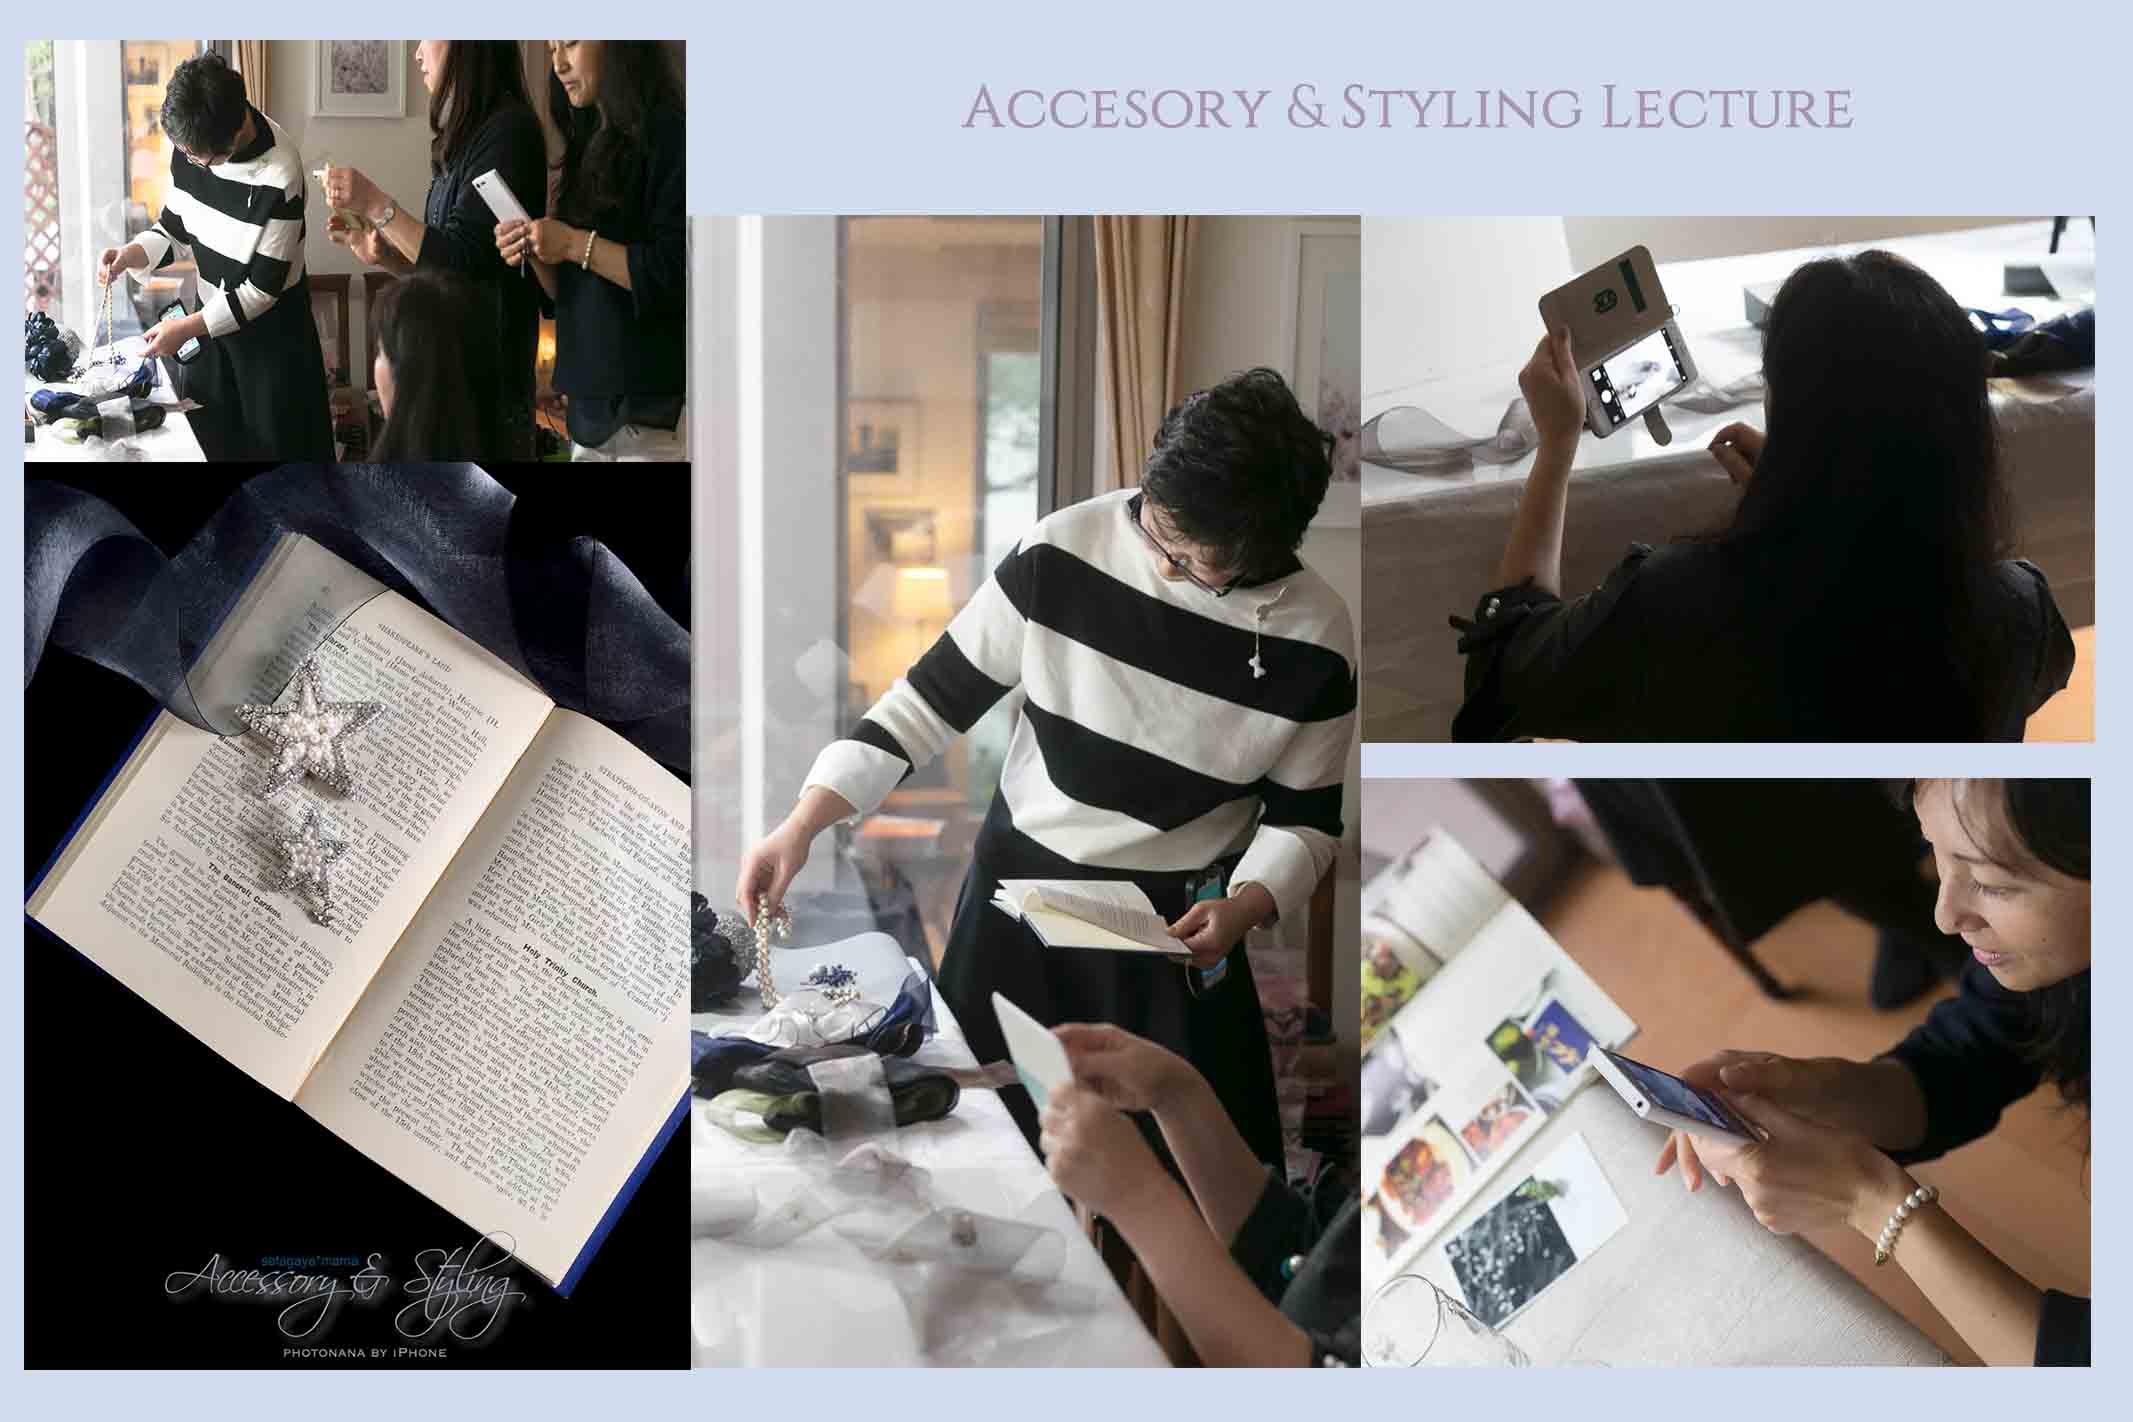 accessory-2